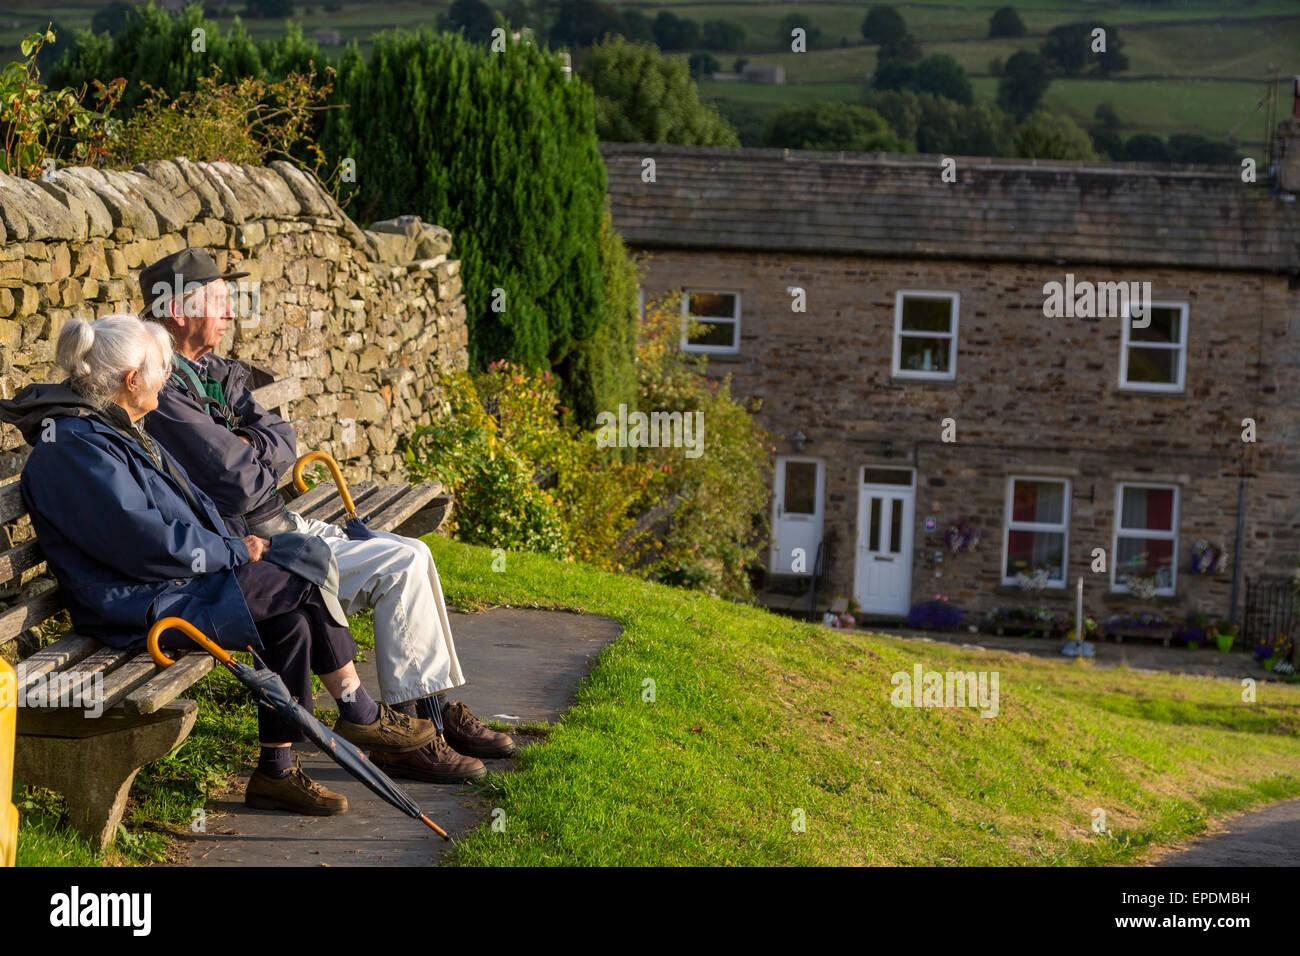 Royaume-uni, Angleterre, dans le Yorkshire, Reeth. Couple de personnes âgées se détendre sur un banc, Photo Stock